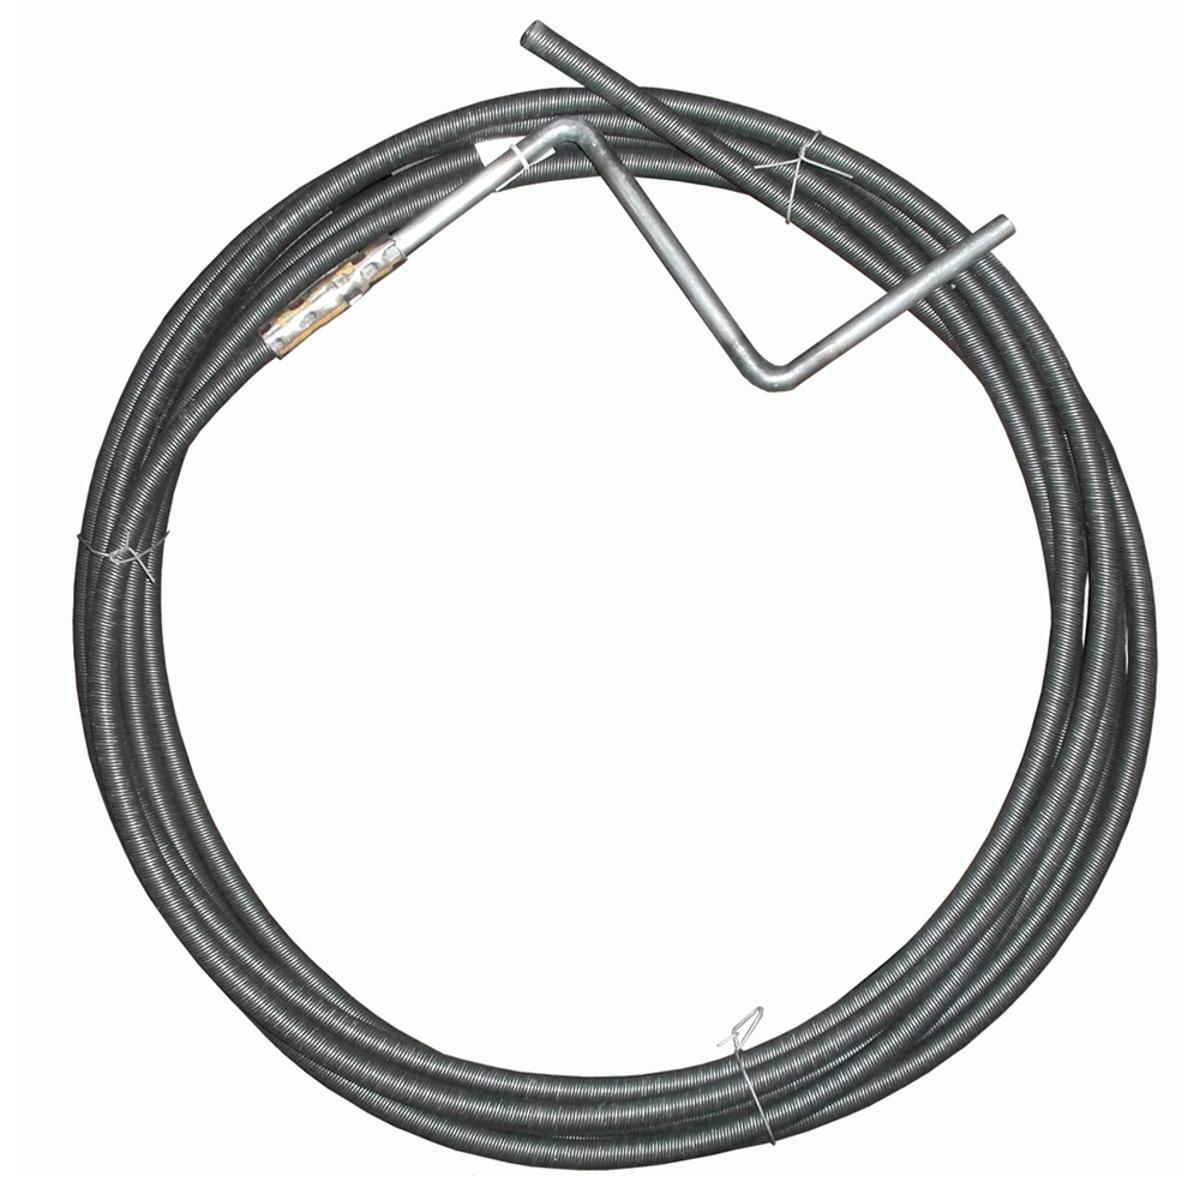 Трос для прочистки канализационных труб 9 мм х 2,5 м МастерПроф531-105Трос для прочистки канализационных труб предназначен для прочистки канализационных труб.Диаметр: 9 мм.Длина 2,5 метра.